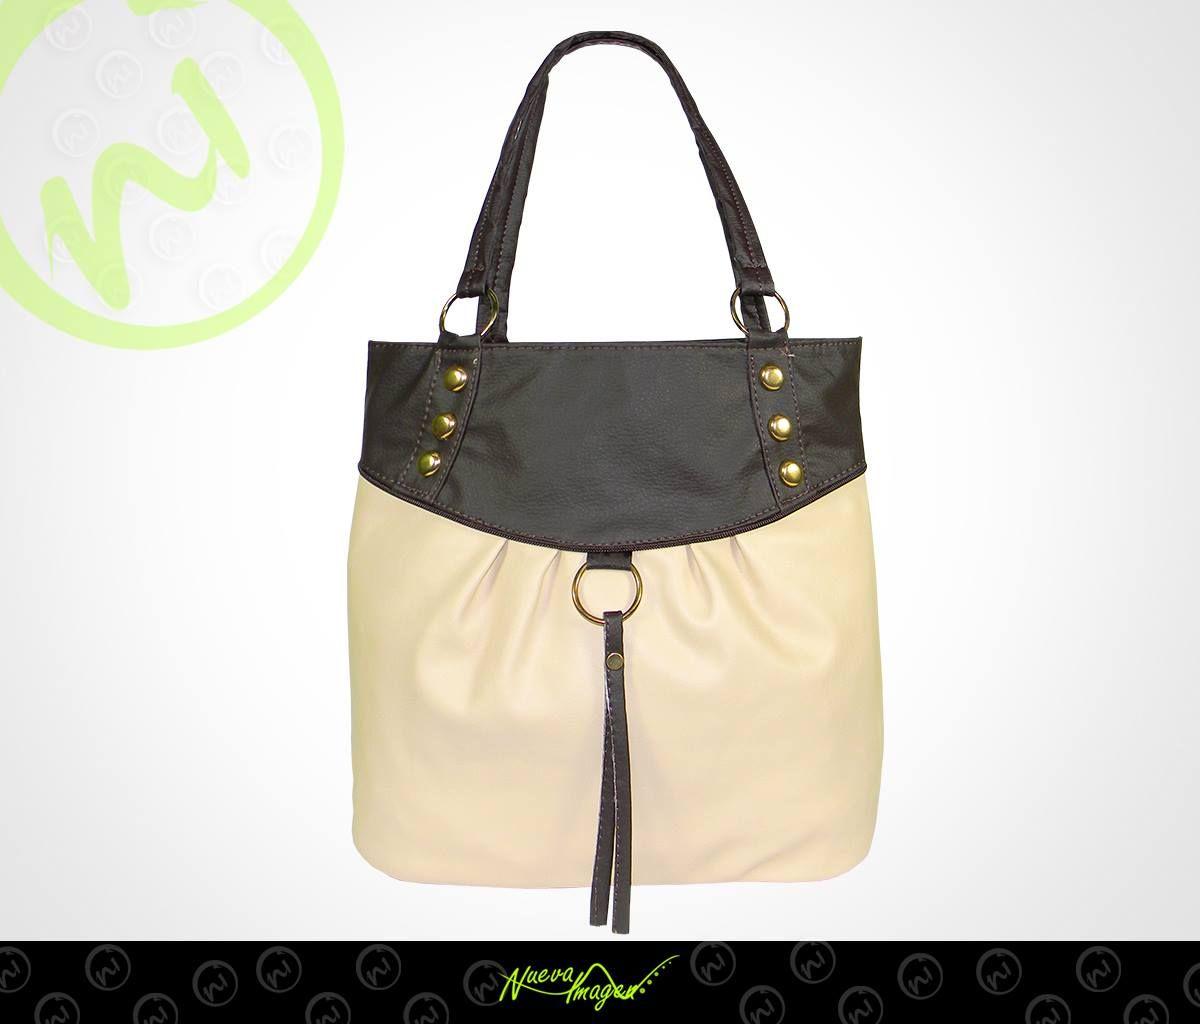 ¿En qué ocasión usarías esta bolsa con aplicaciones metálicas? Visita nuestra tienda en línea: http://www.distribuidoranuevaimagen.com/ :)